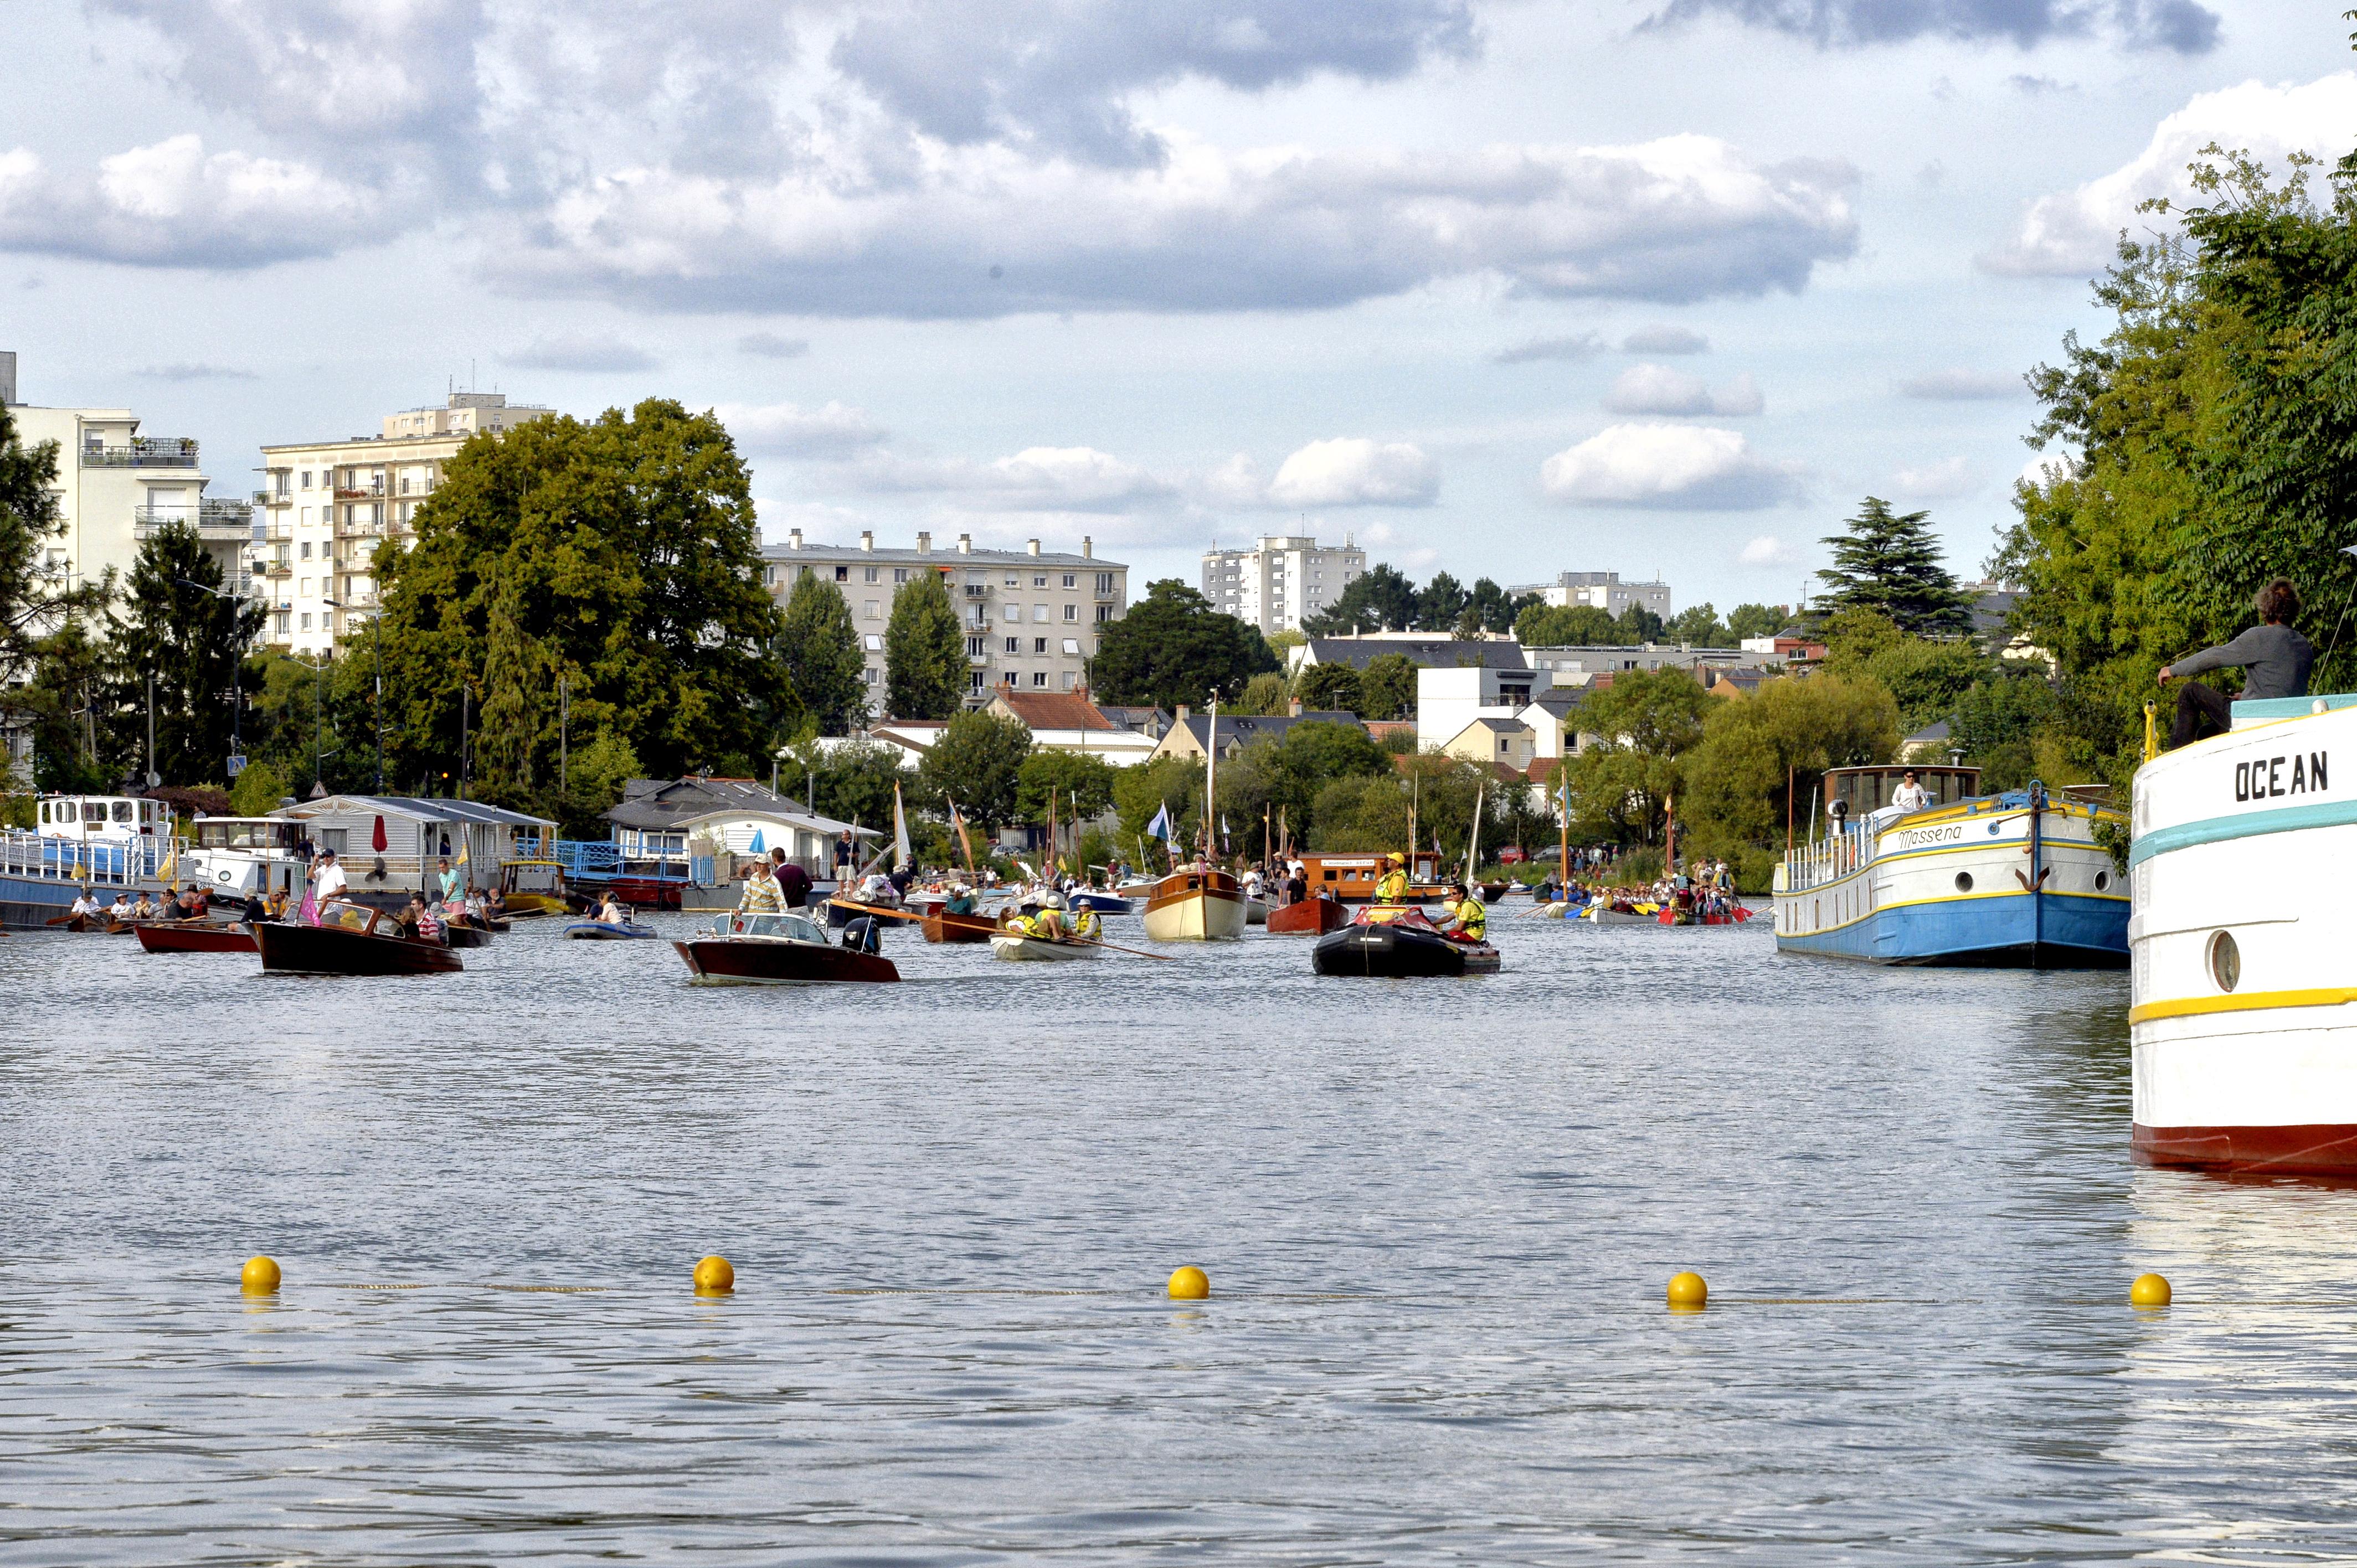 Les Rendez-vous de l'Erdre festival jazz musique et belle plaisance rivière la parade des bateaux et voiliers du patrimoine fluvial sur la rivière culture patrimoine